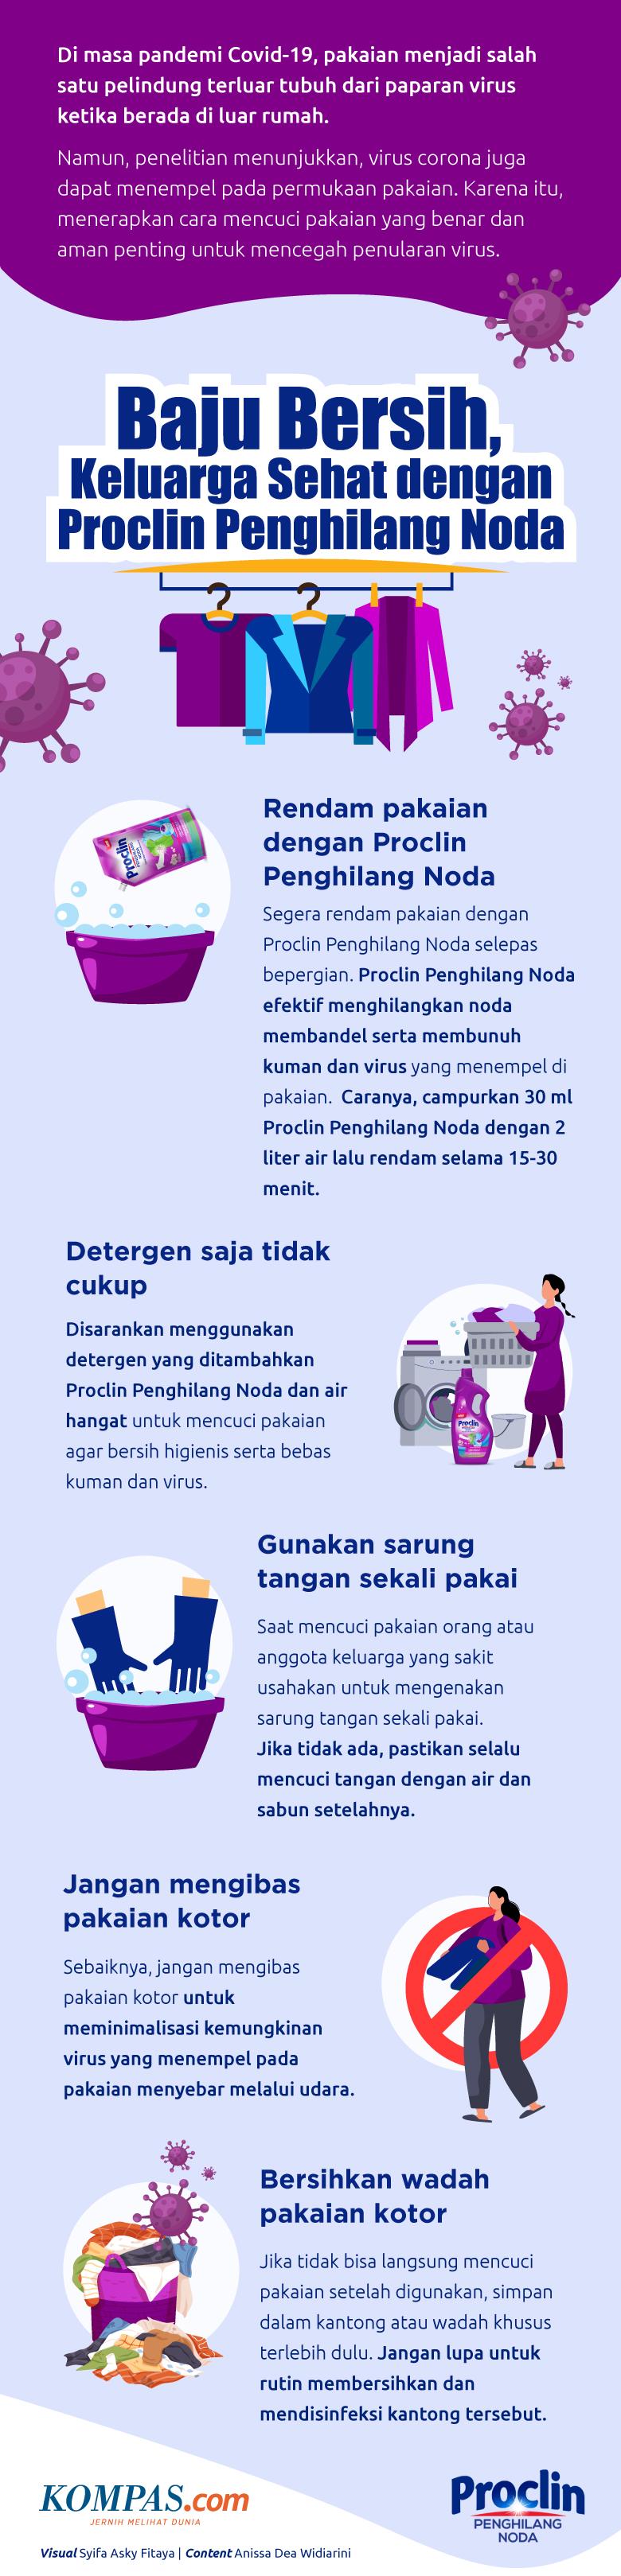 Virus Corona Bisa Menempel Di Kain Seberapa Sering Harus Mencuci Pakaian Cara mencuci pakaian yang benar